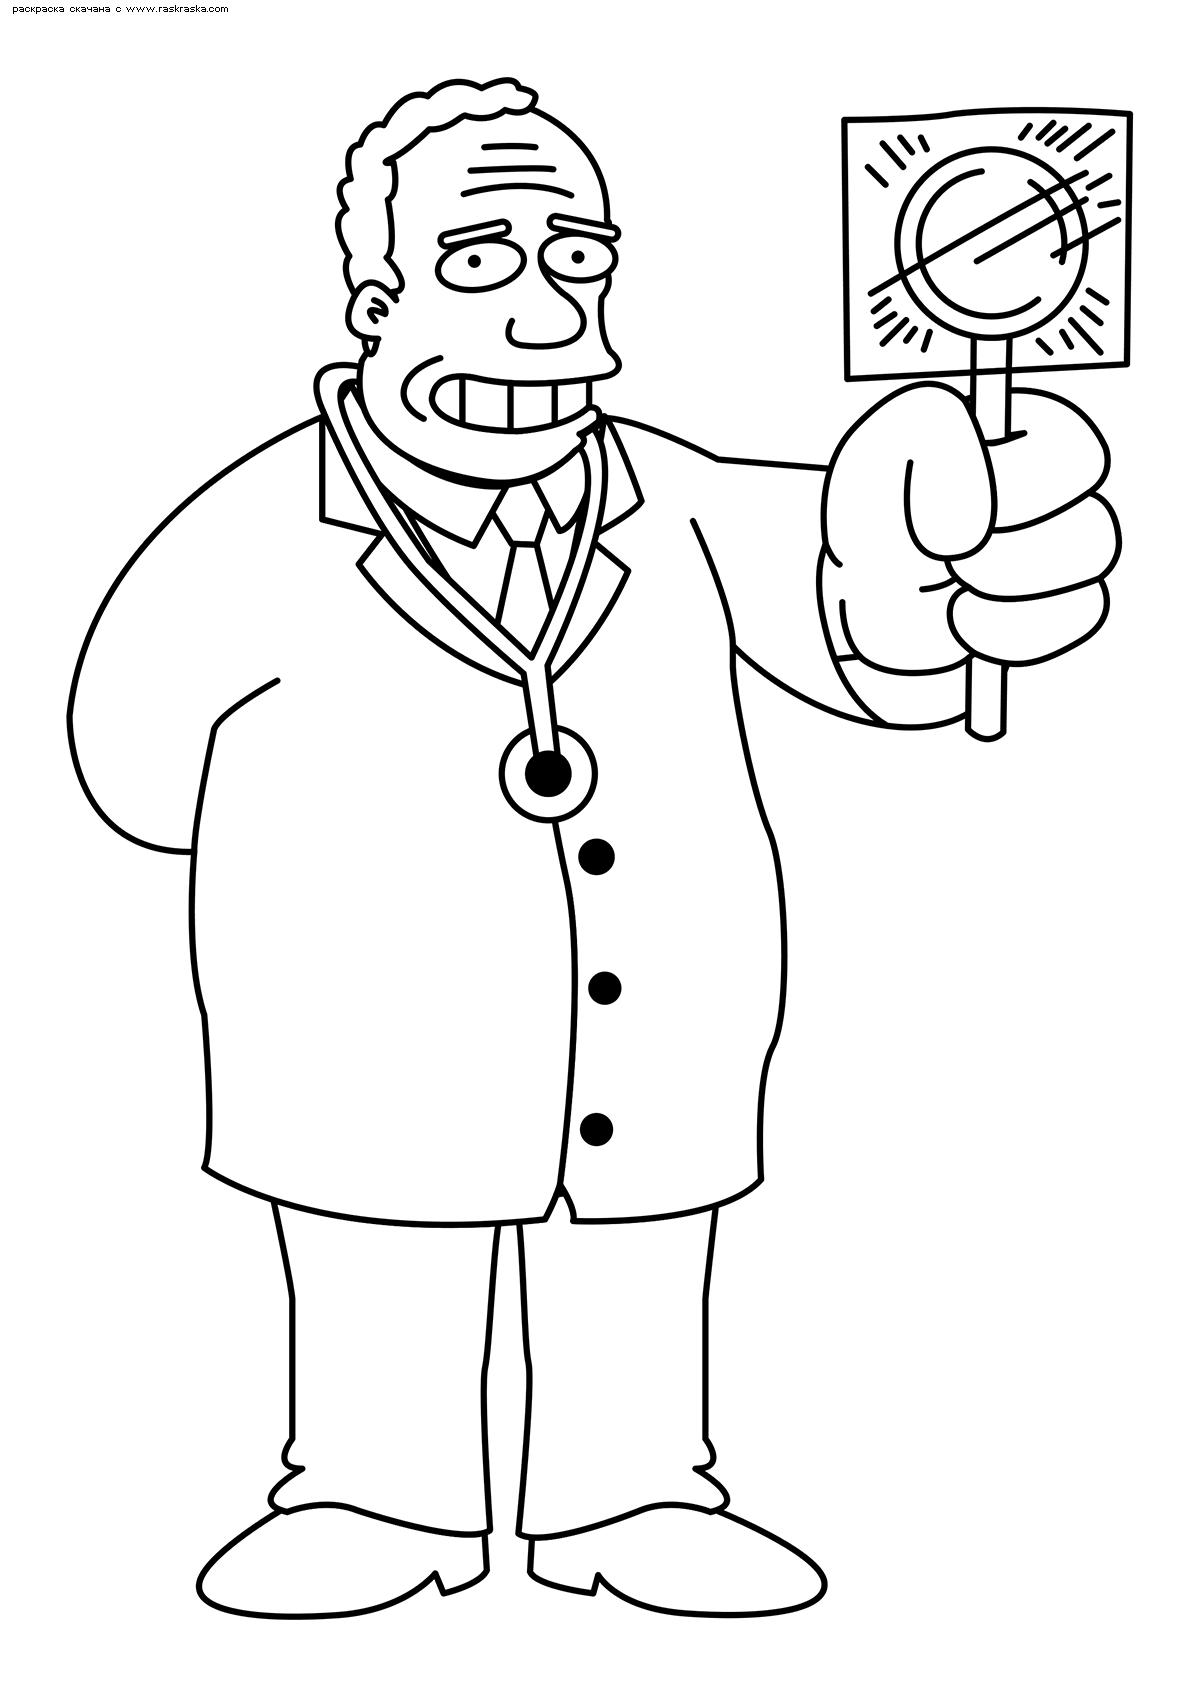 Раскраска Семейный доктор Симпсонов Джулиус Хибберт. Раскраска Симпсоны